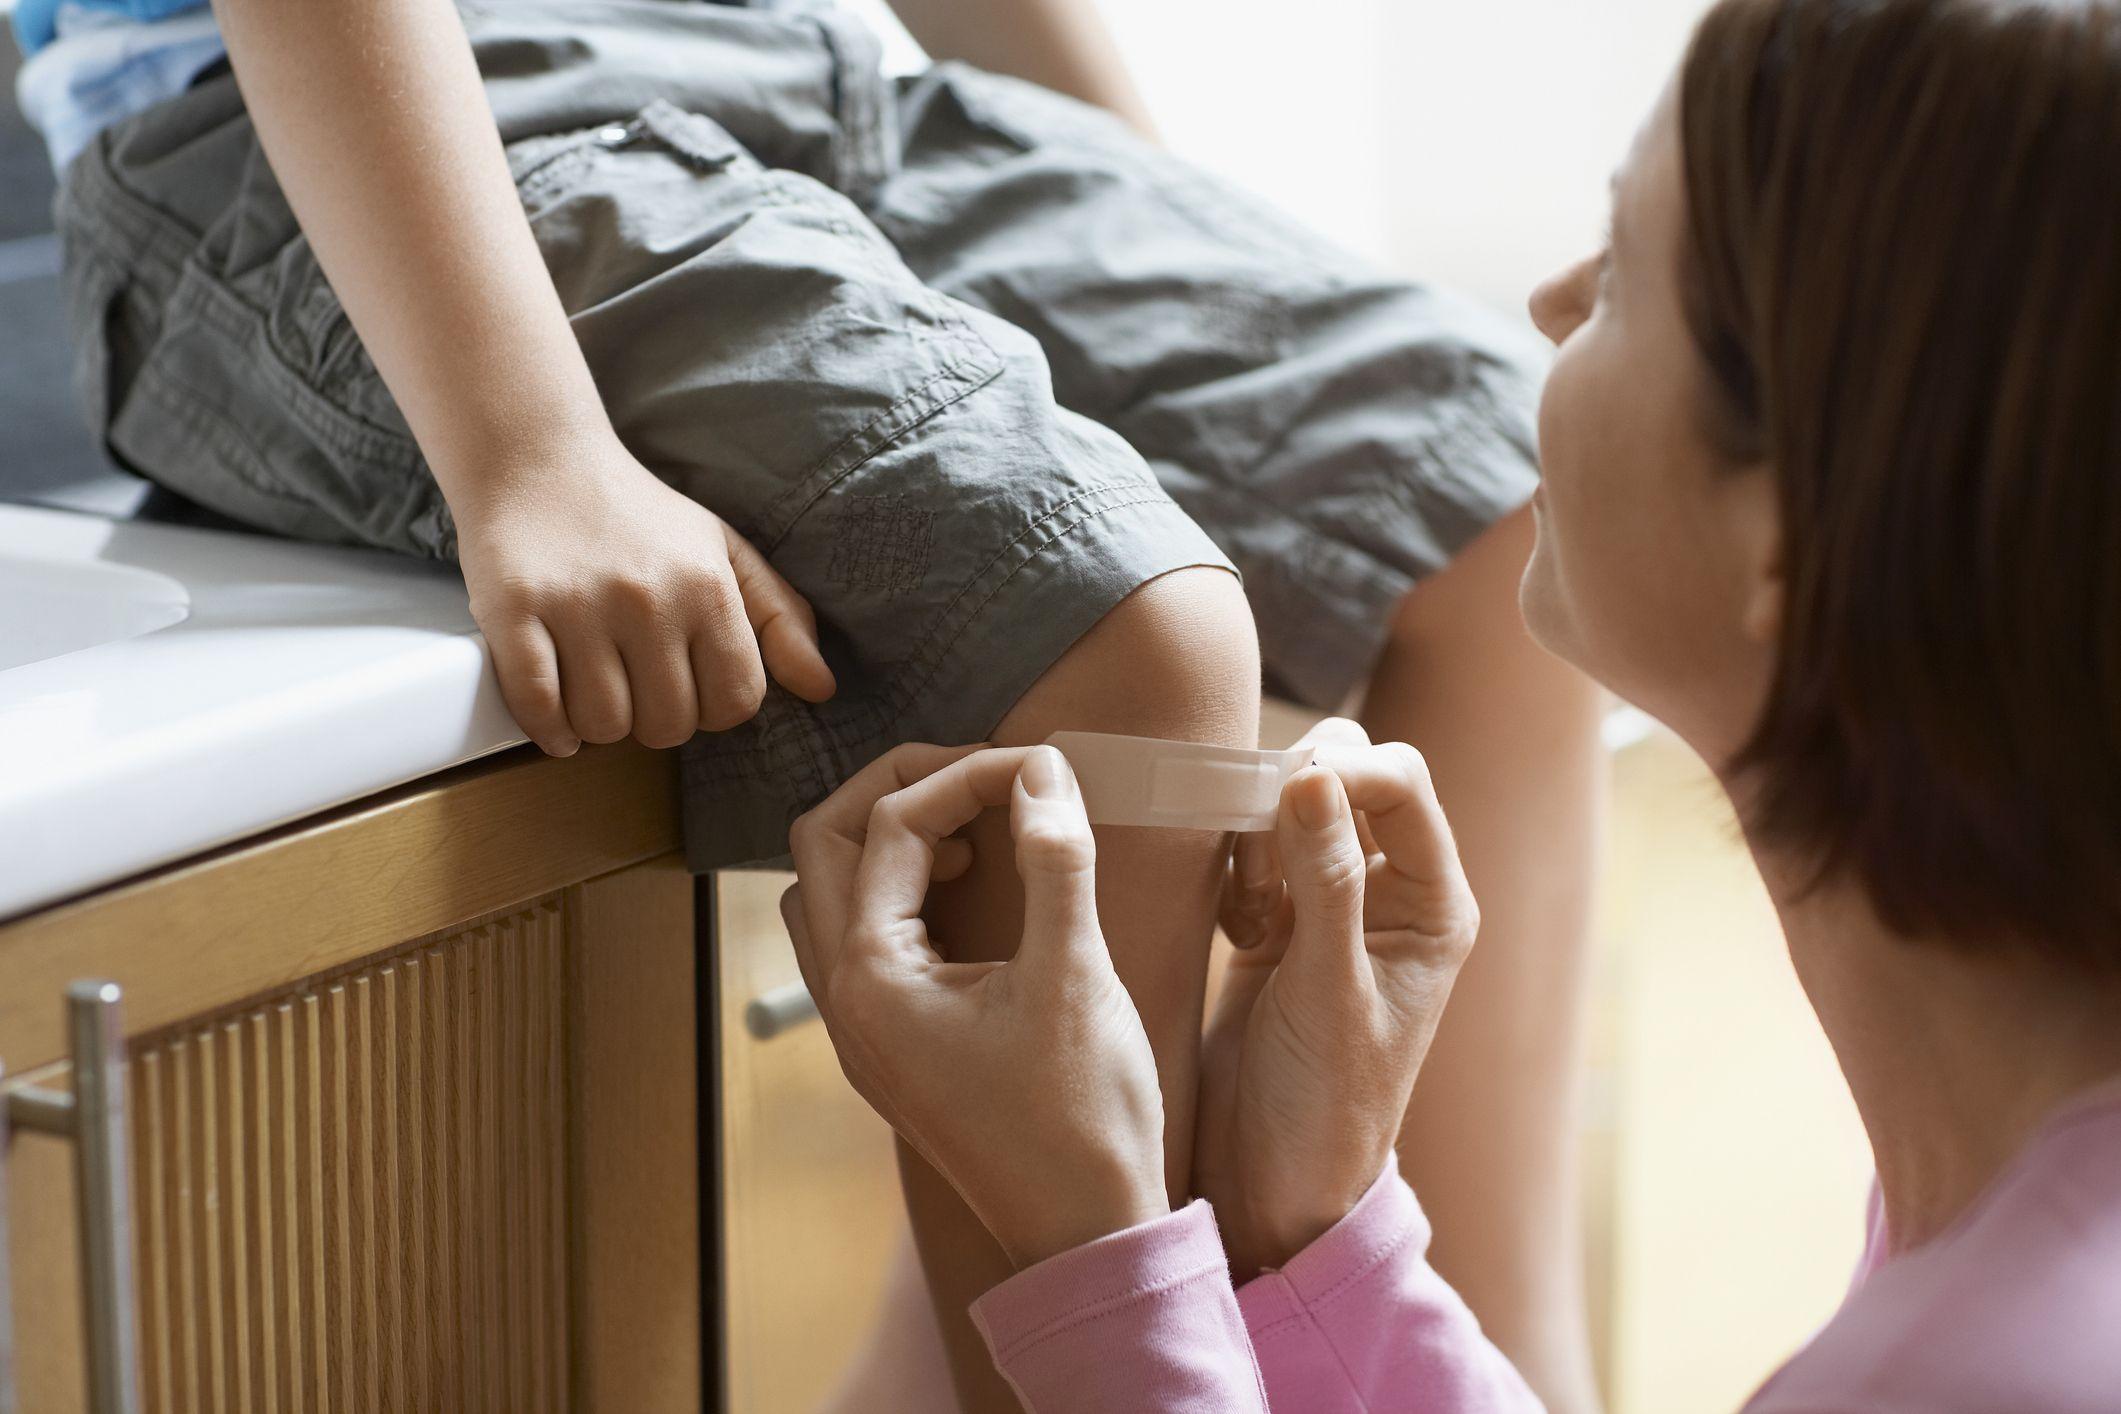 Mutter klebt ein Pflaster auf ein verletztes Knie eines Kindes